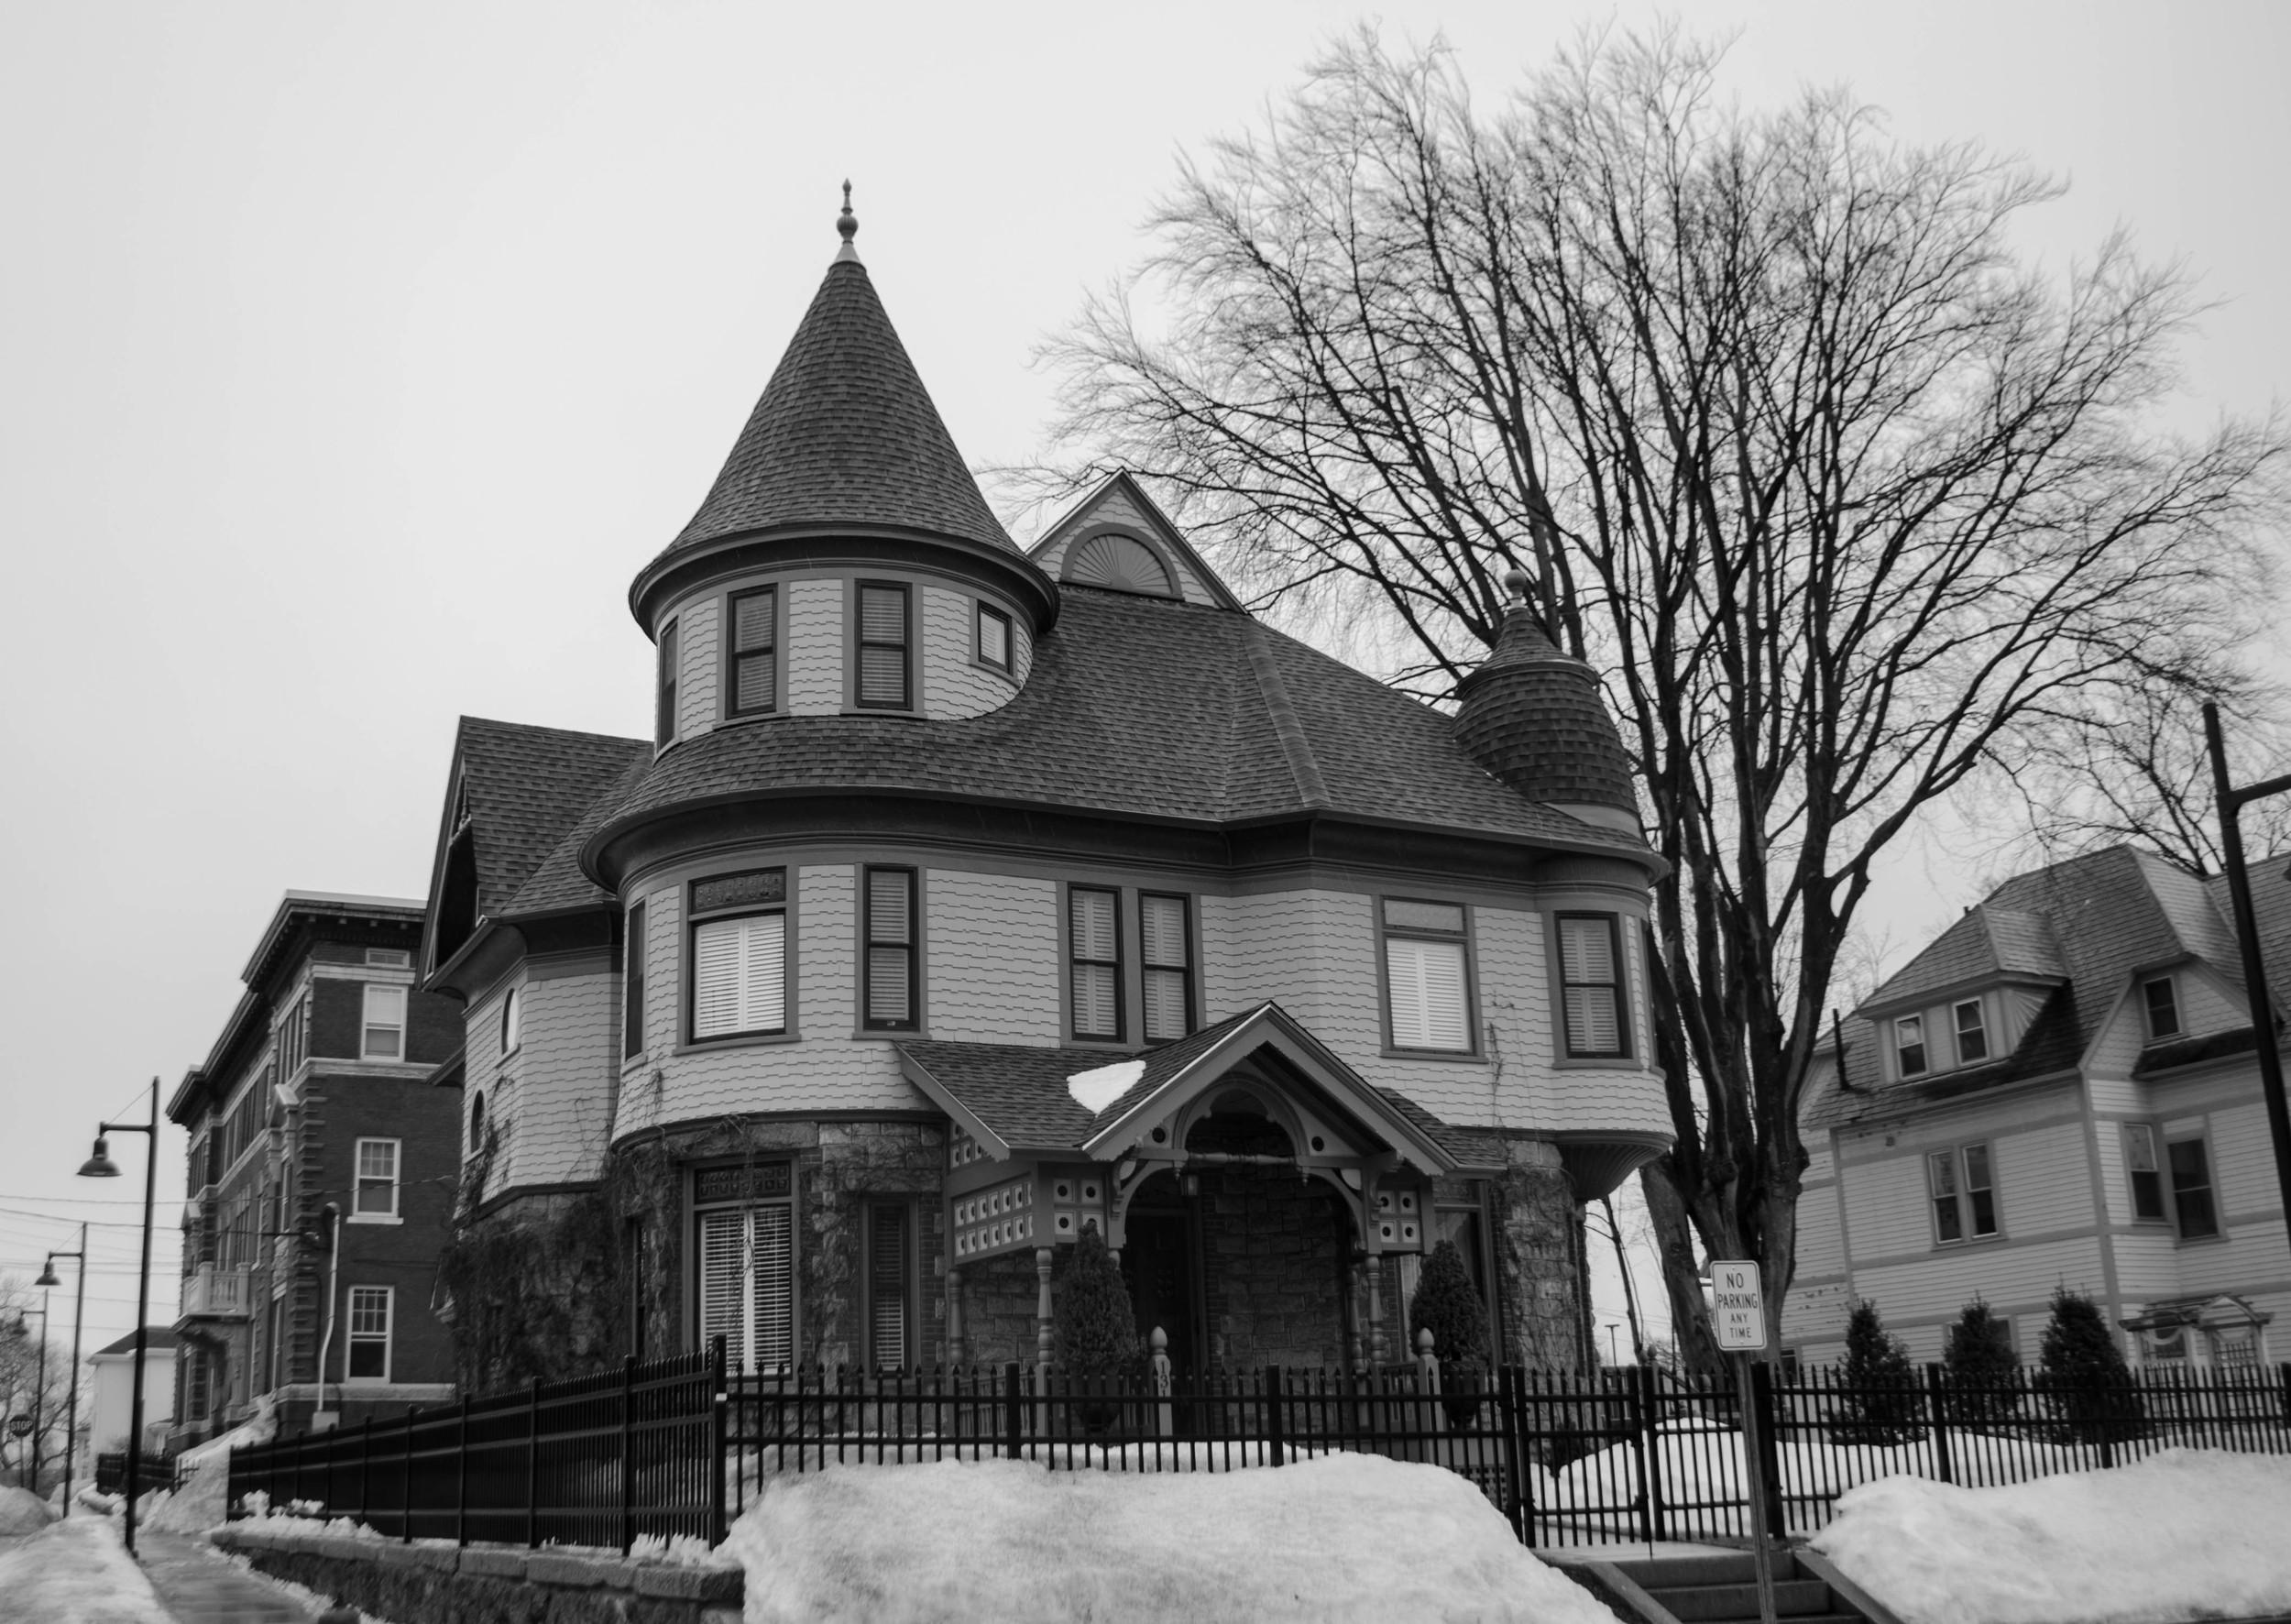 Neighborhood Development: Implement a neighborhood development plan